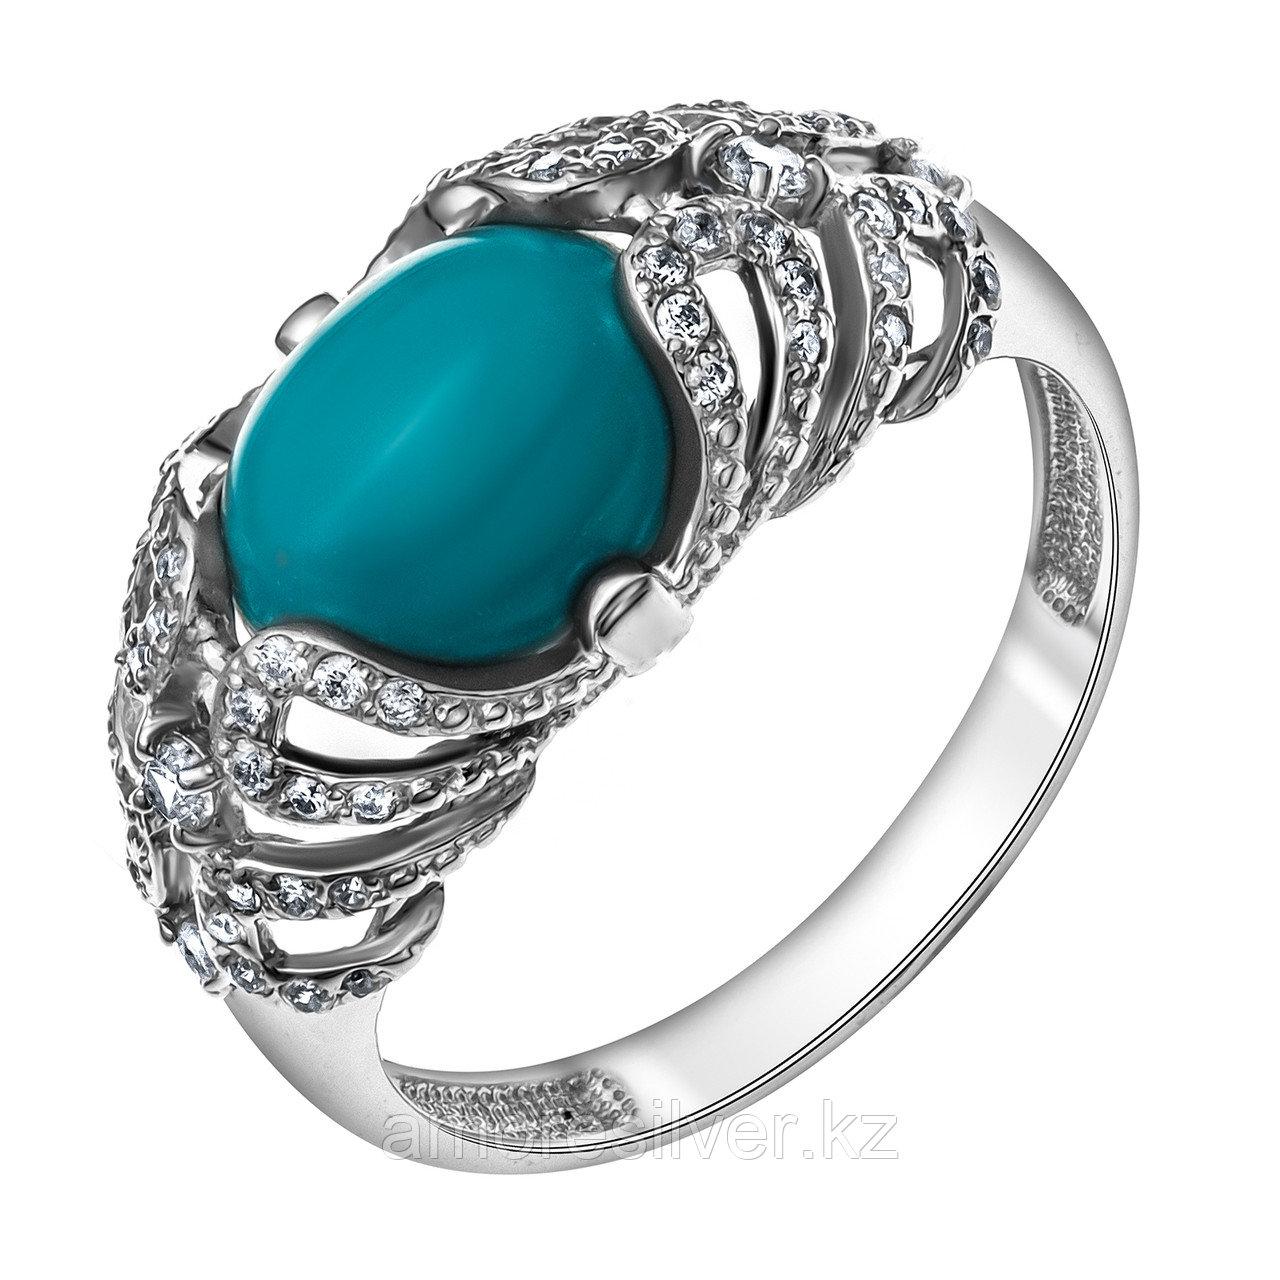 Кольцо из серебра с фианитом и бирюзой MASKOM 18,5  1000-0208-TQ-r